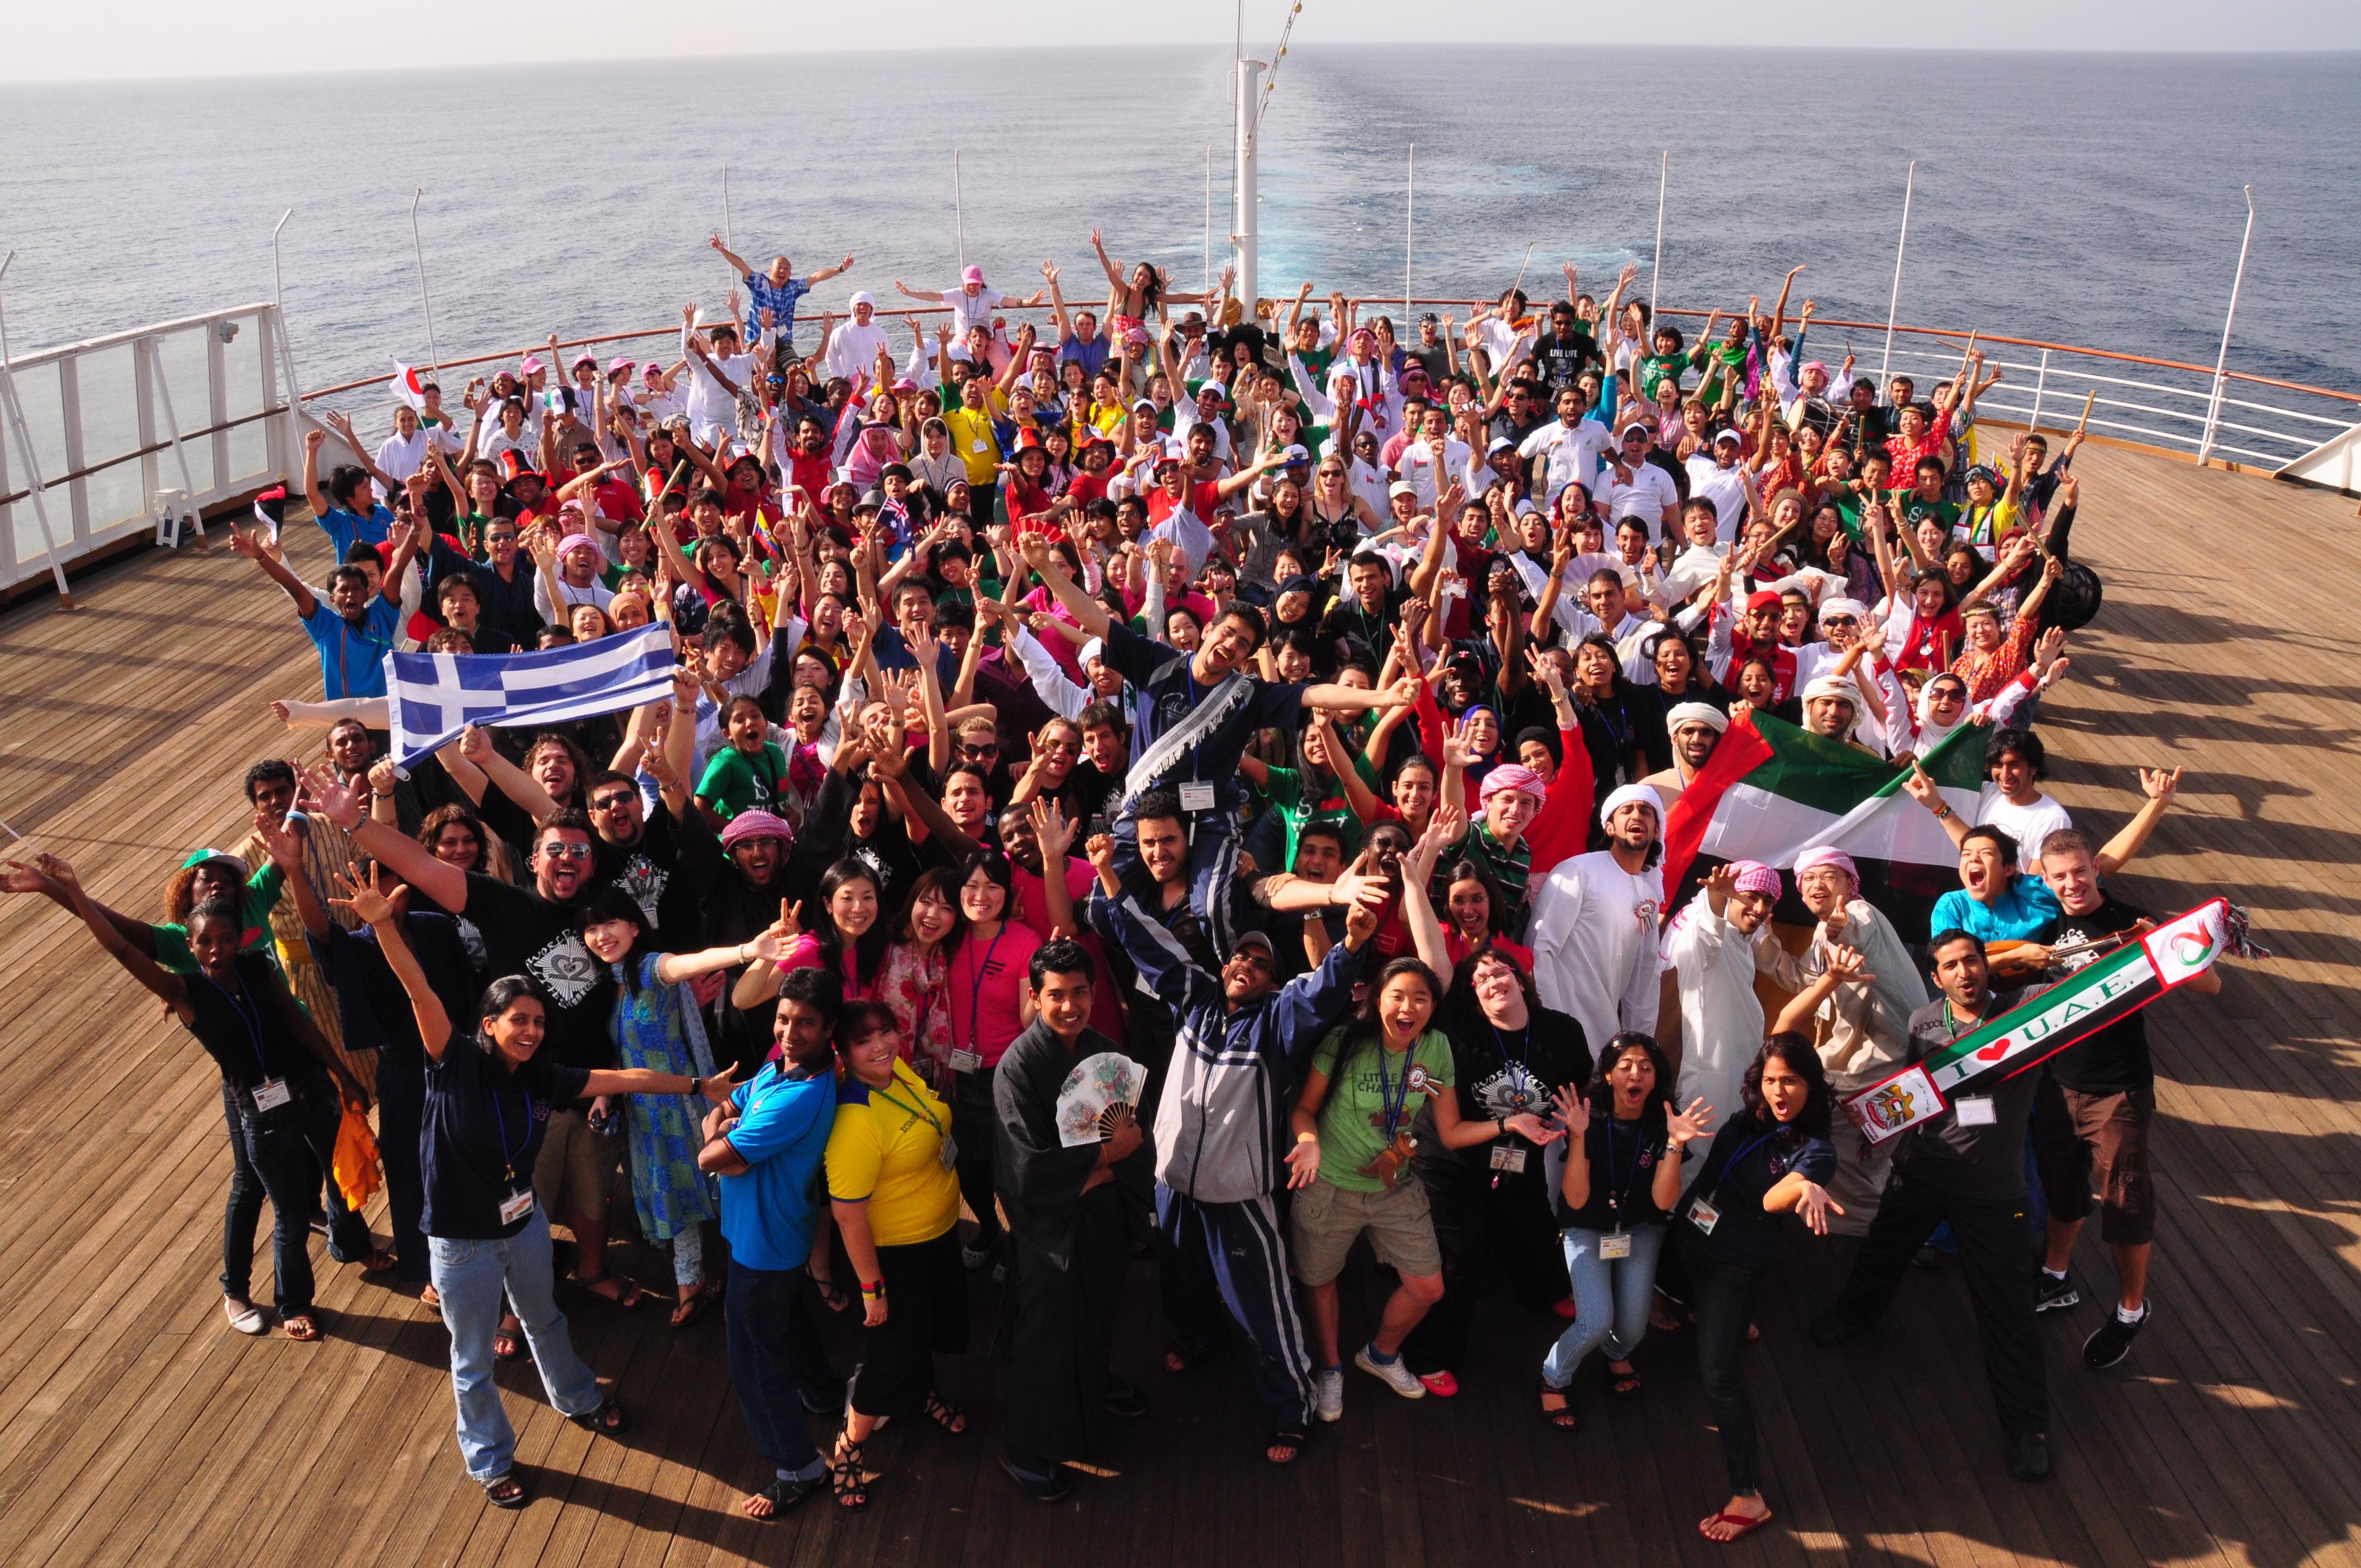 ship-for-world-youth-to-ploio-poy-se-kanei-filo-tis-iaponias0